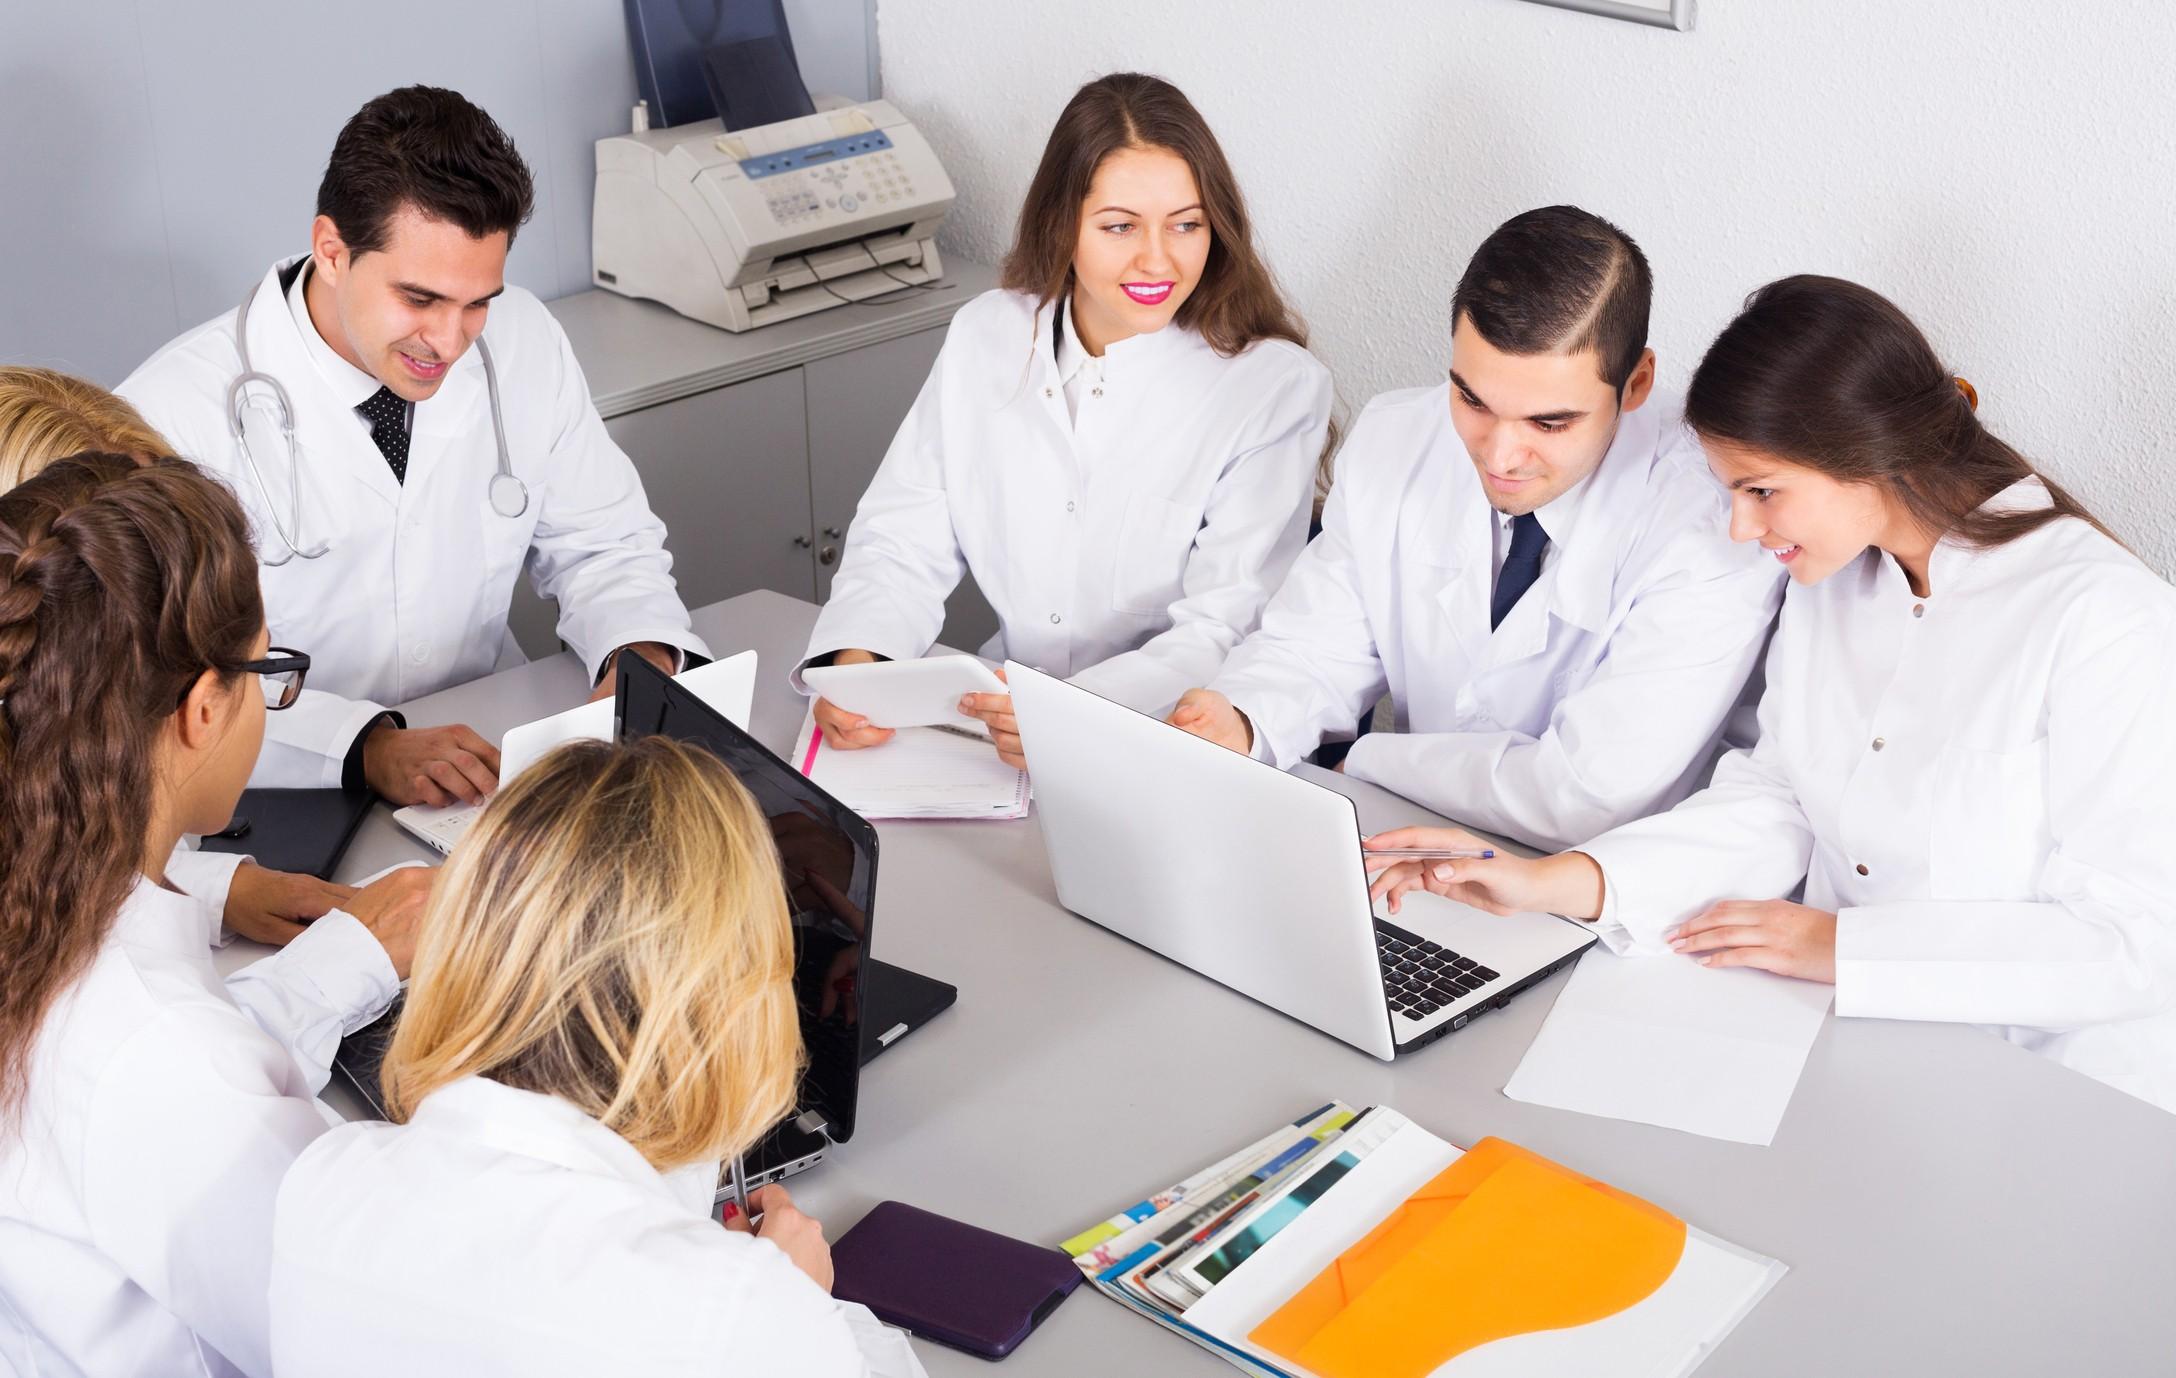 Bem aplicada, a tecnologia pode ser uma grande aliada na interação médico-paciente  (Foto: Thinkstock)